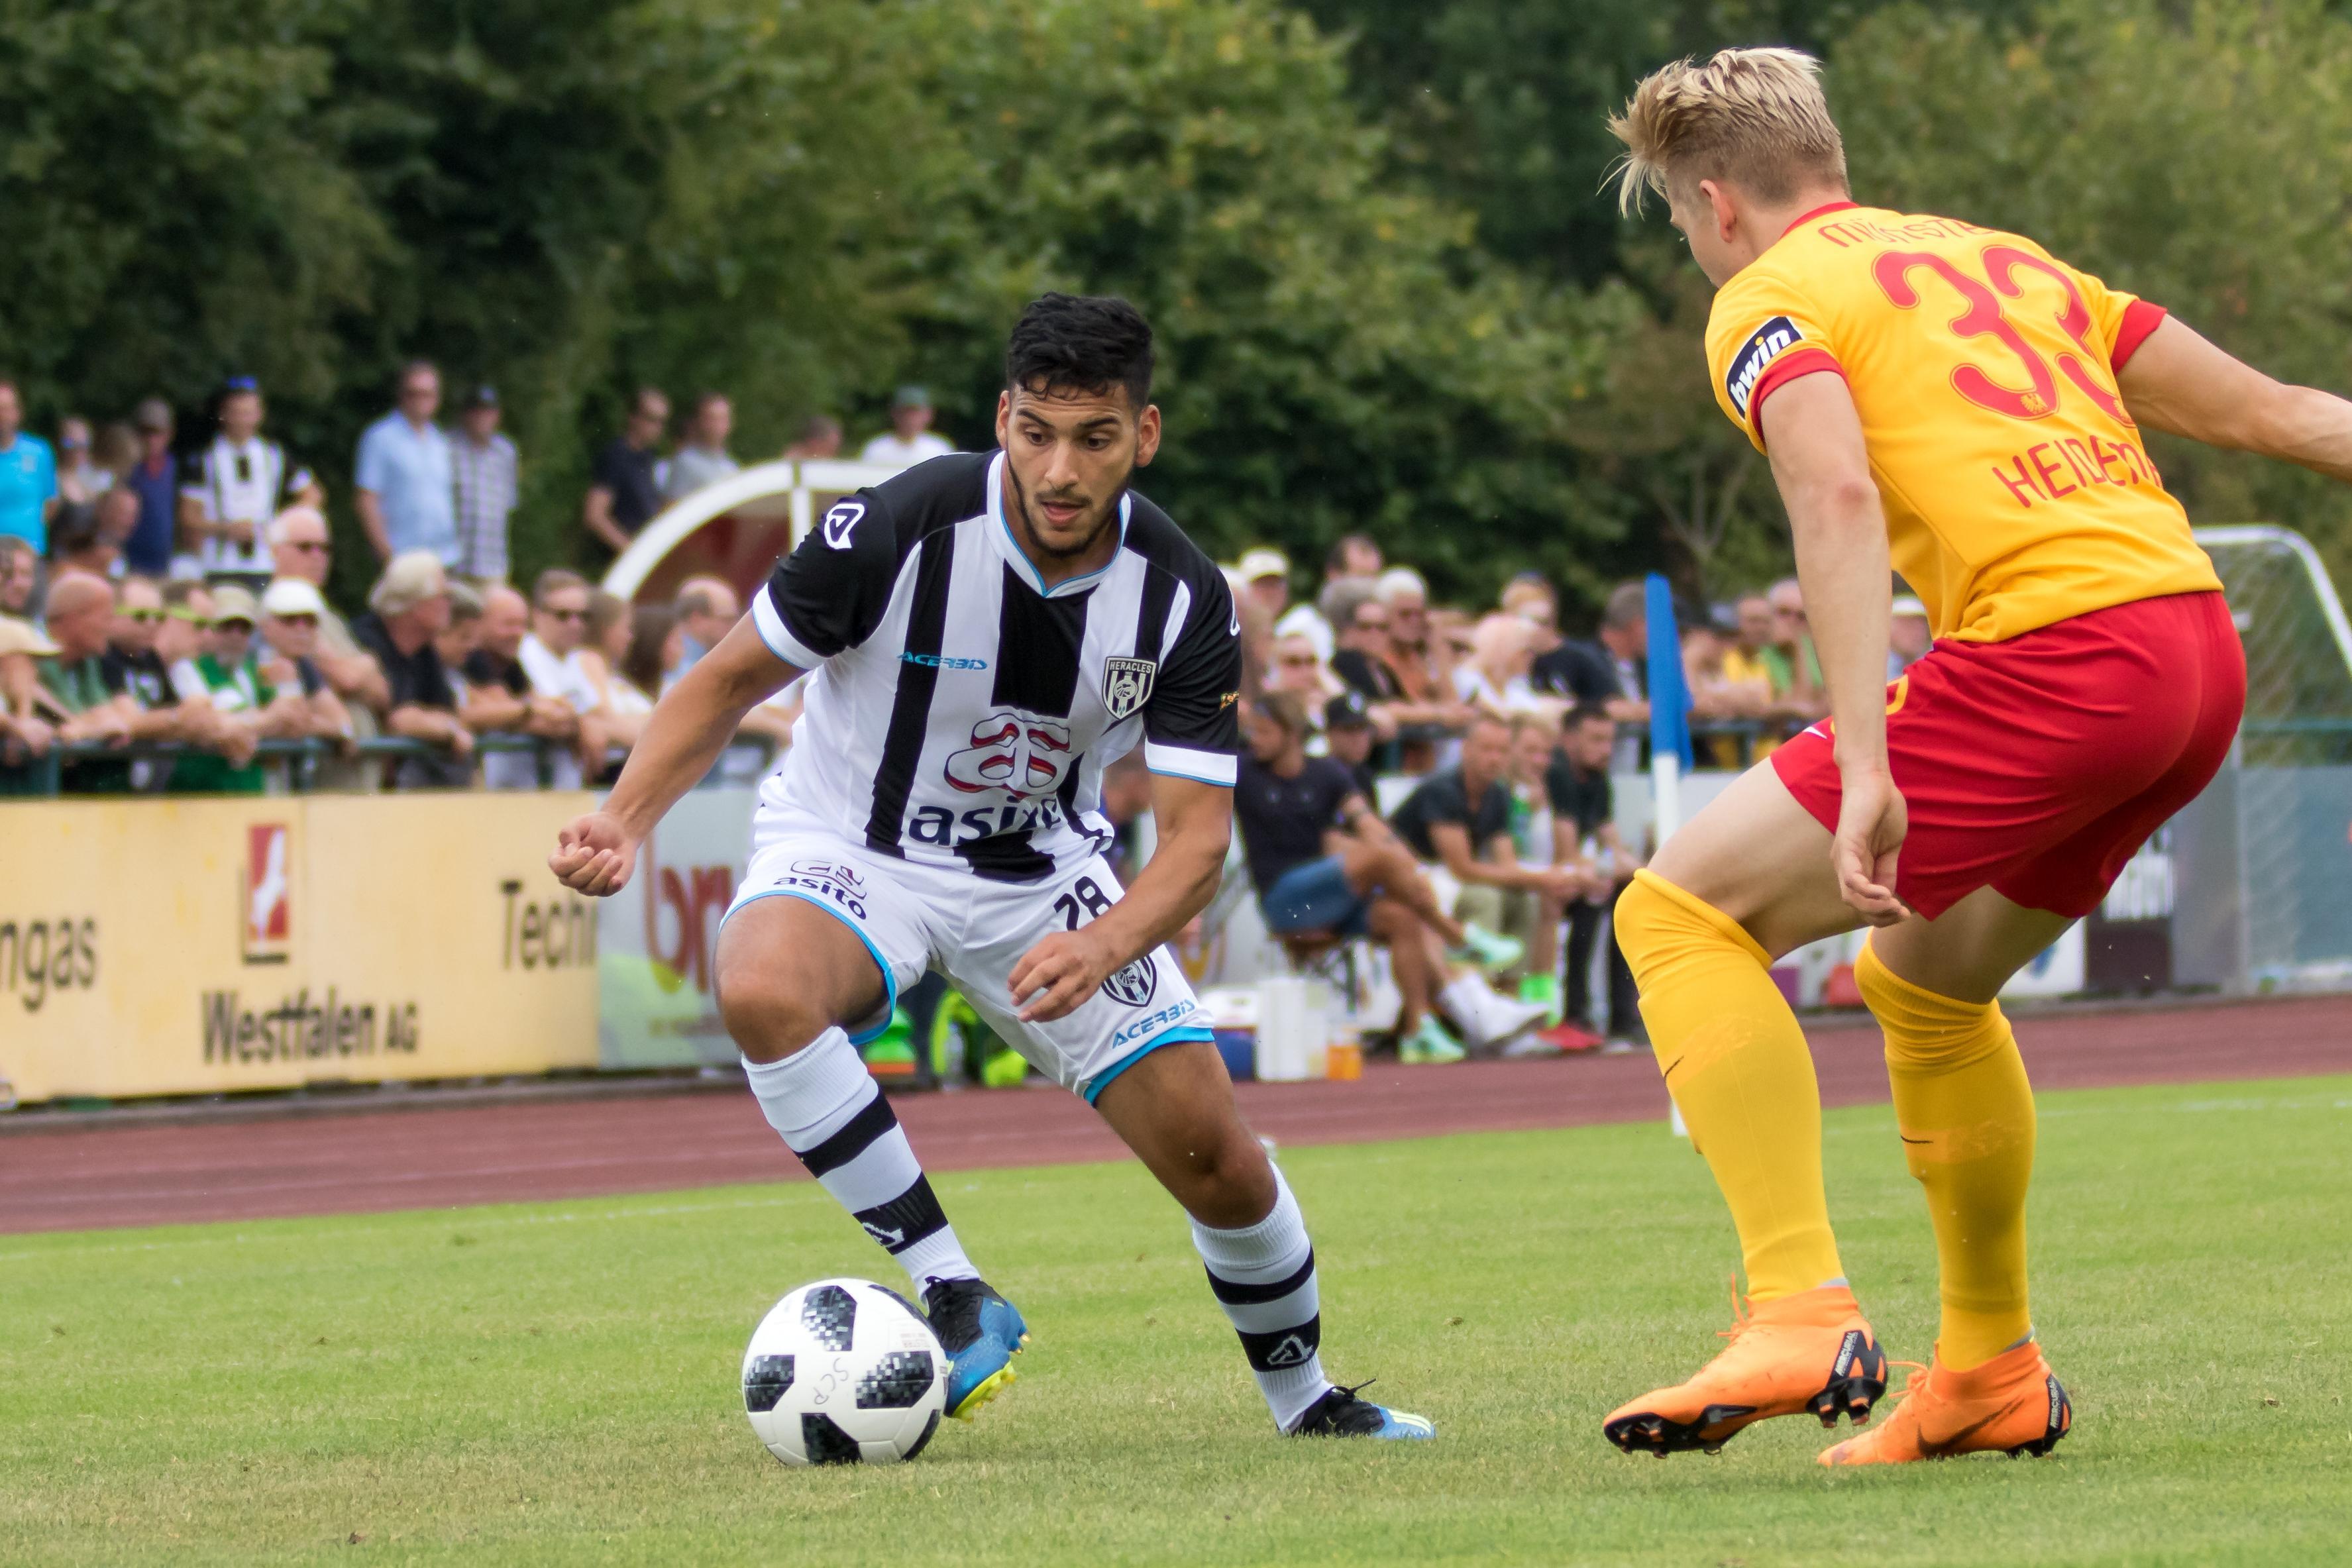 Finse kou maakt plaats voor Bahreinse hitte, Hoofddorpse voetballer Tarik Kada geniet: 'In voetballerij valt niets te plannen' [video]